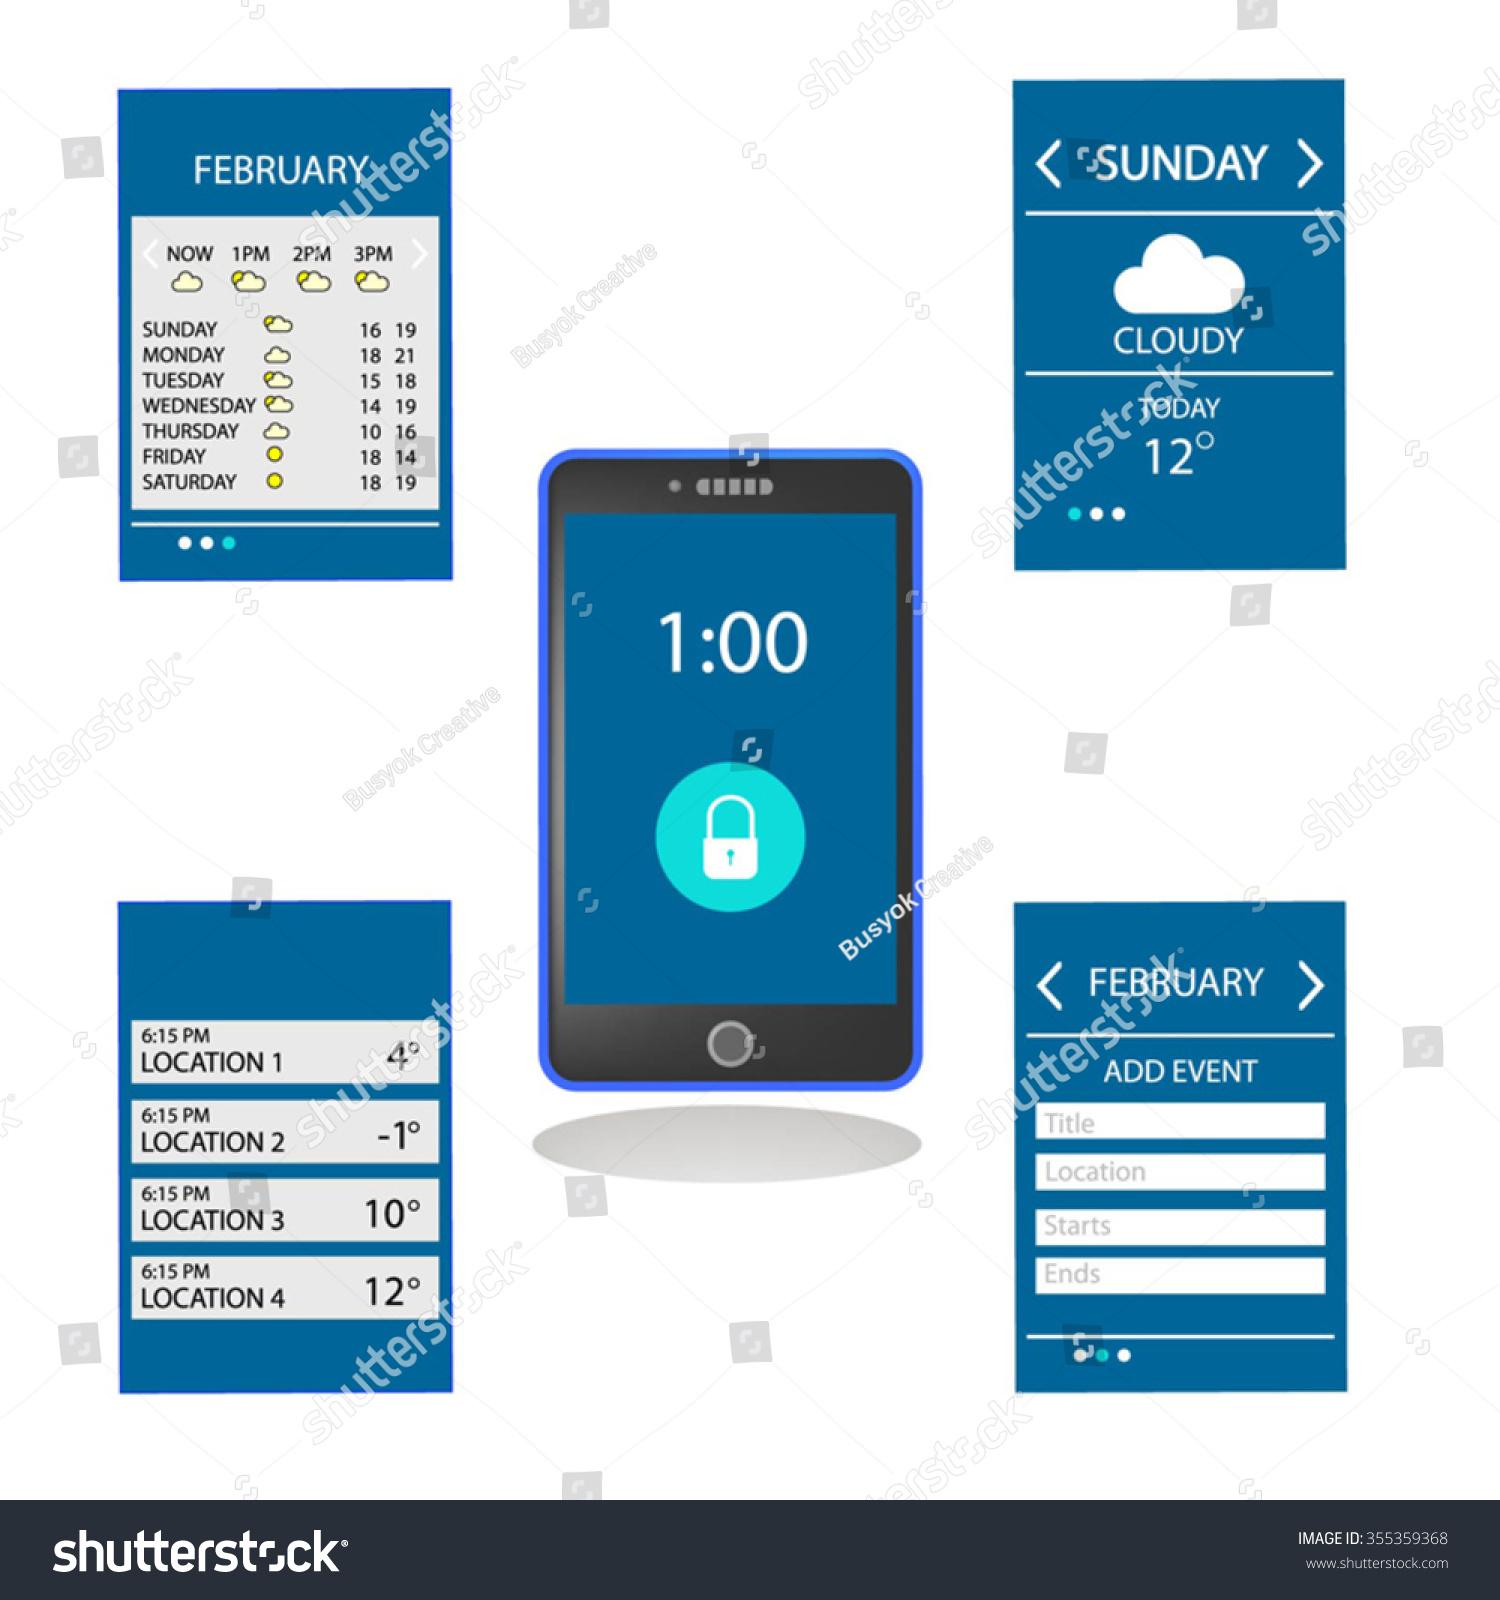 weather schedule ui ux design mobile stock vector 355359368